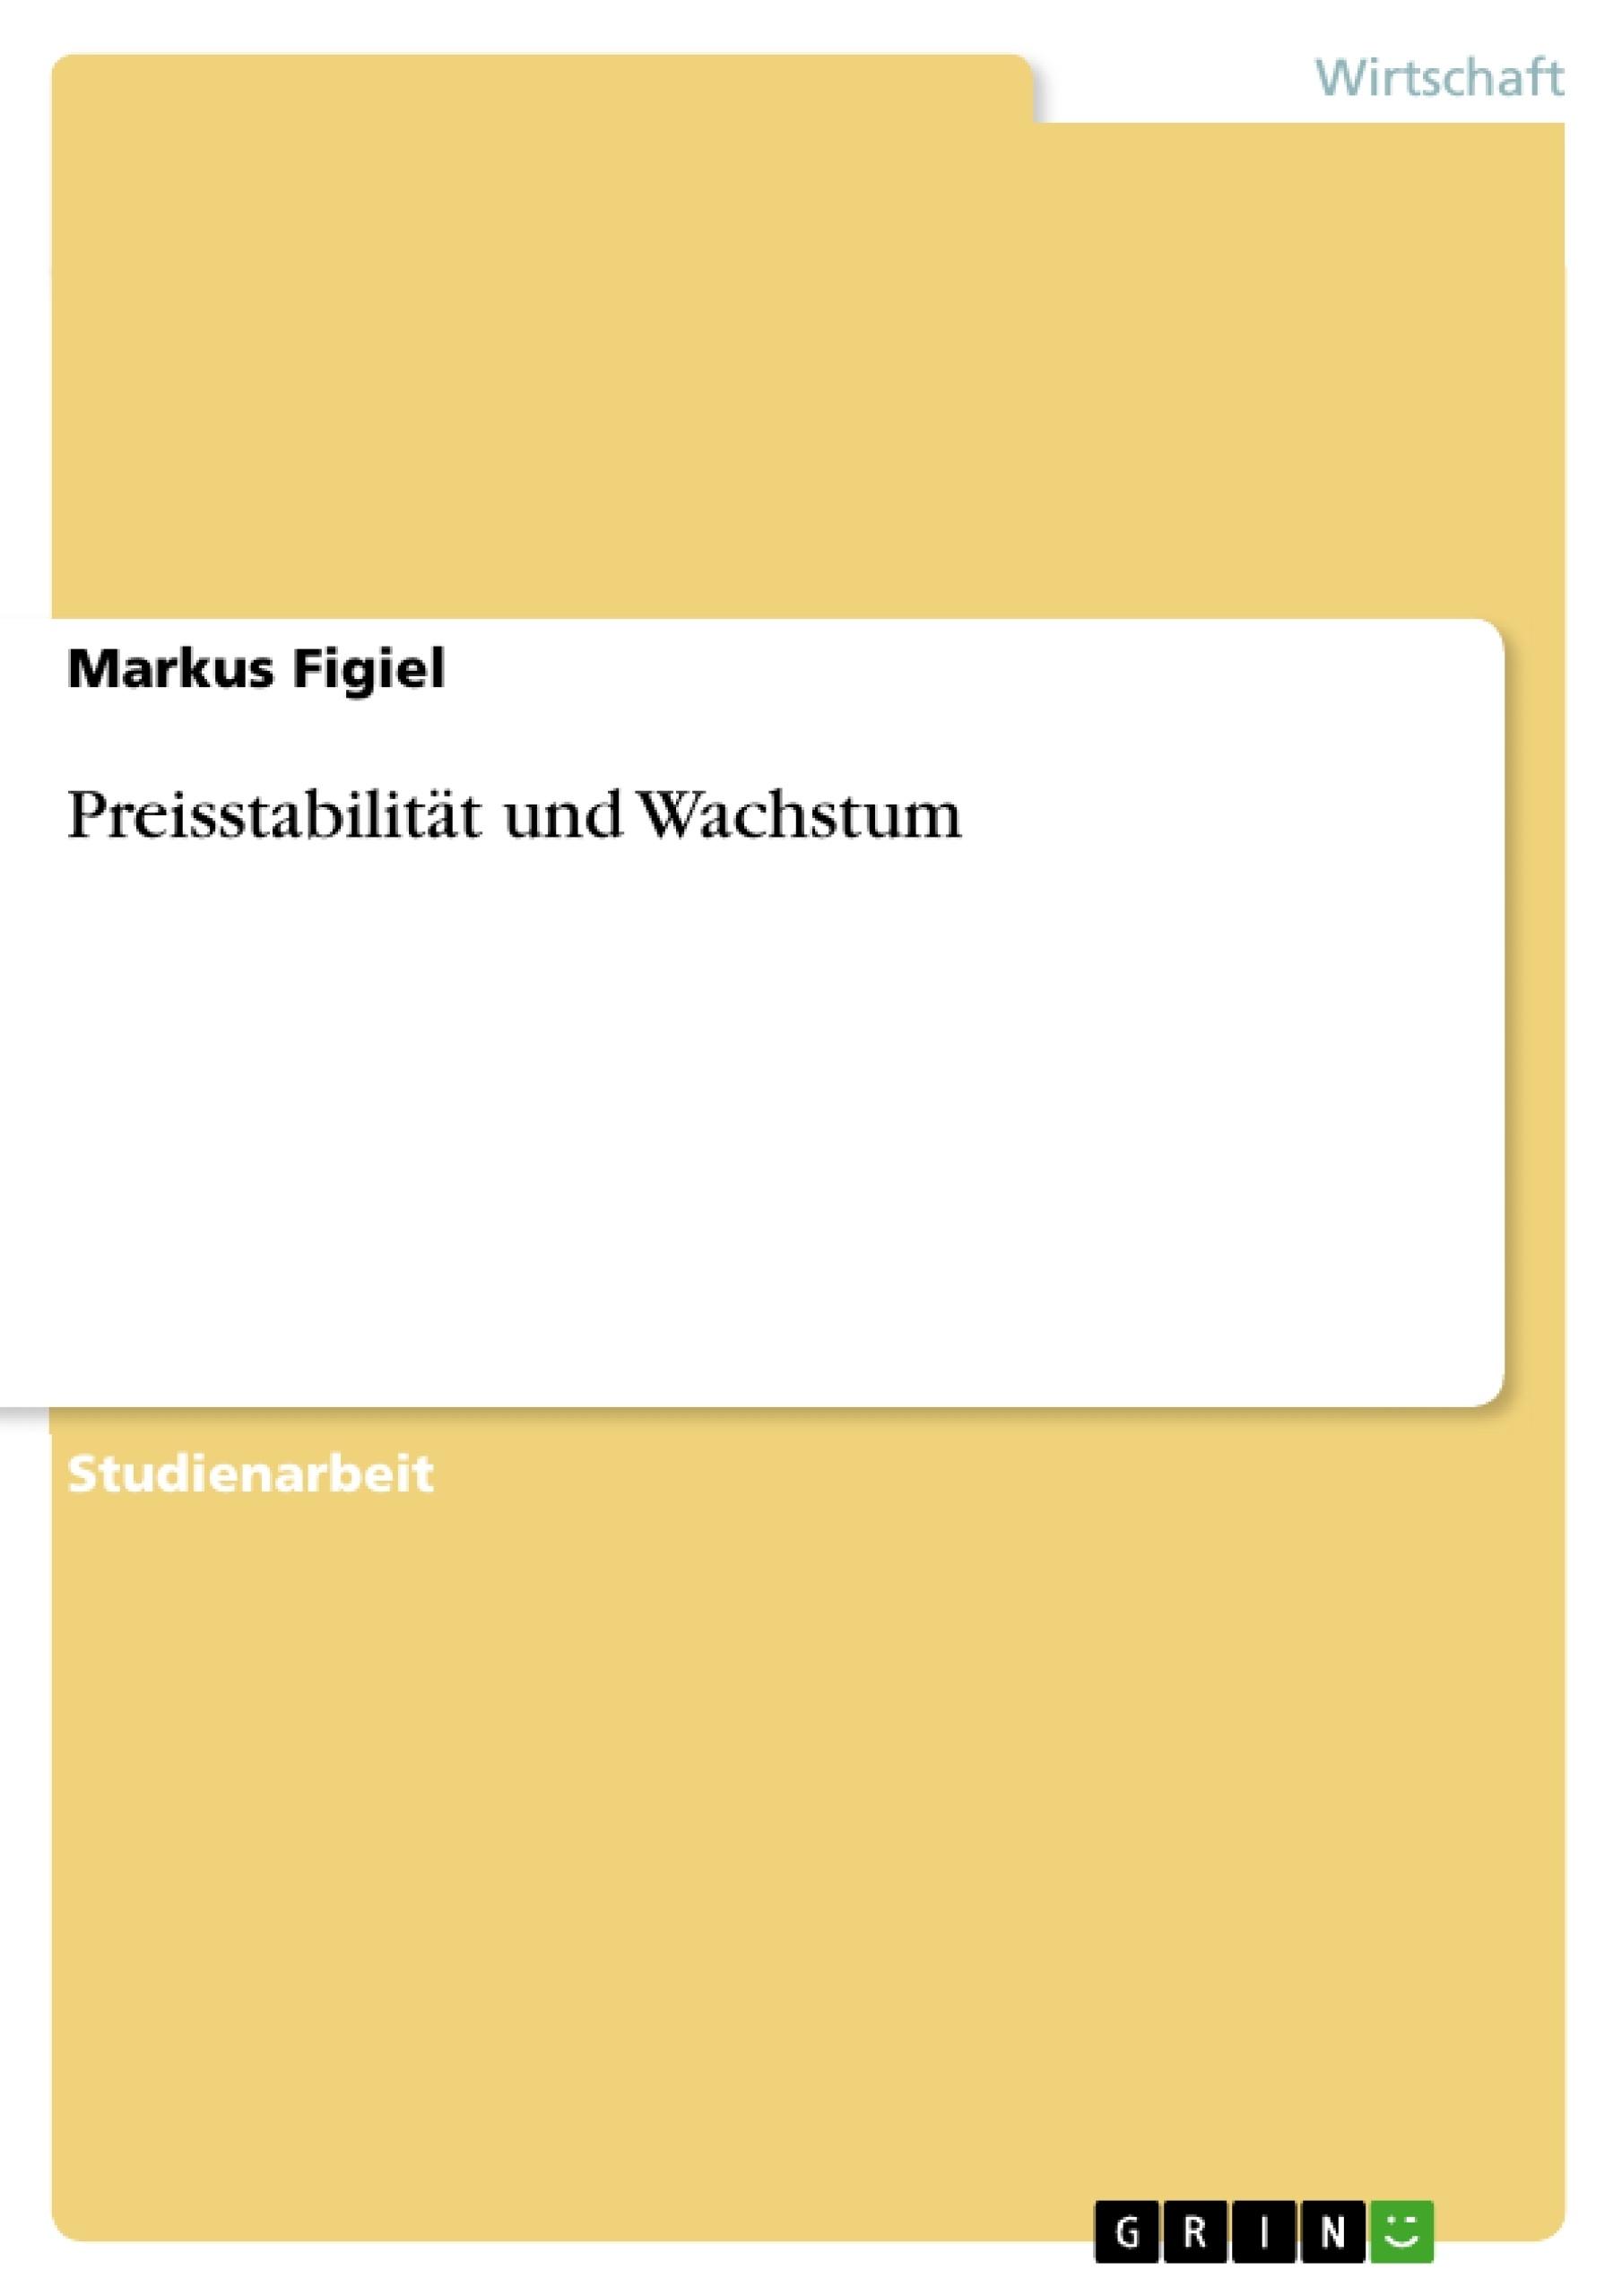 Titel: Preisstabilität und Wachstum